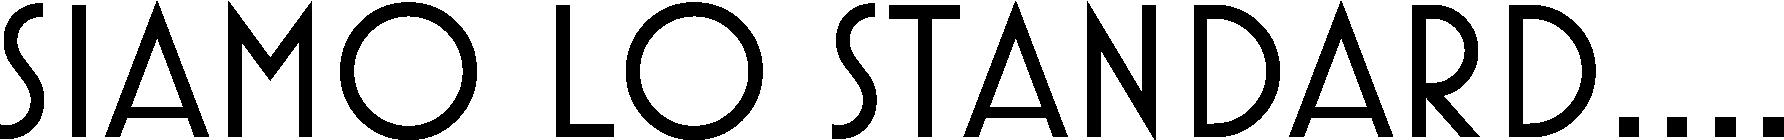 STANDARD CORSO ESAME DI STATO ARCHITETTO